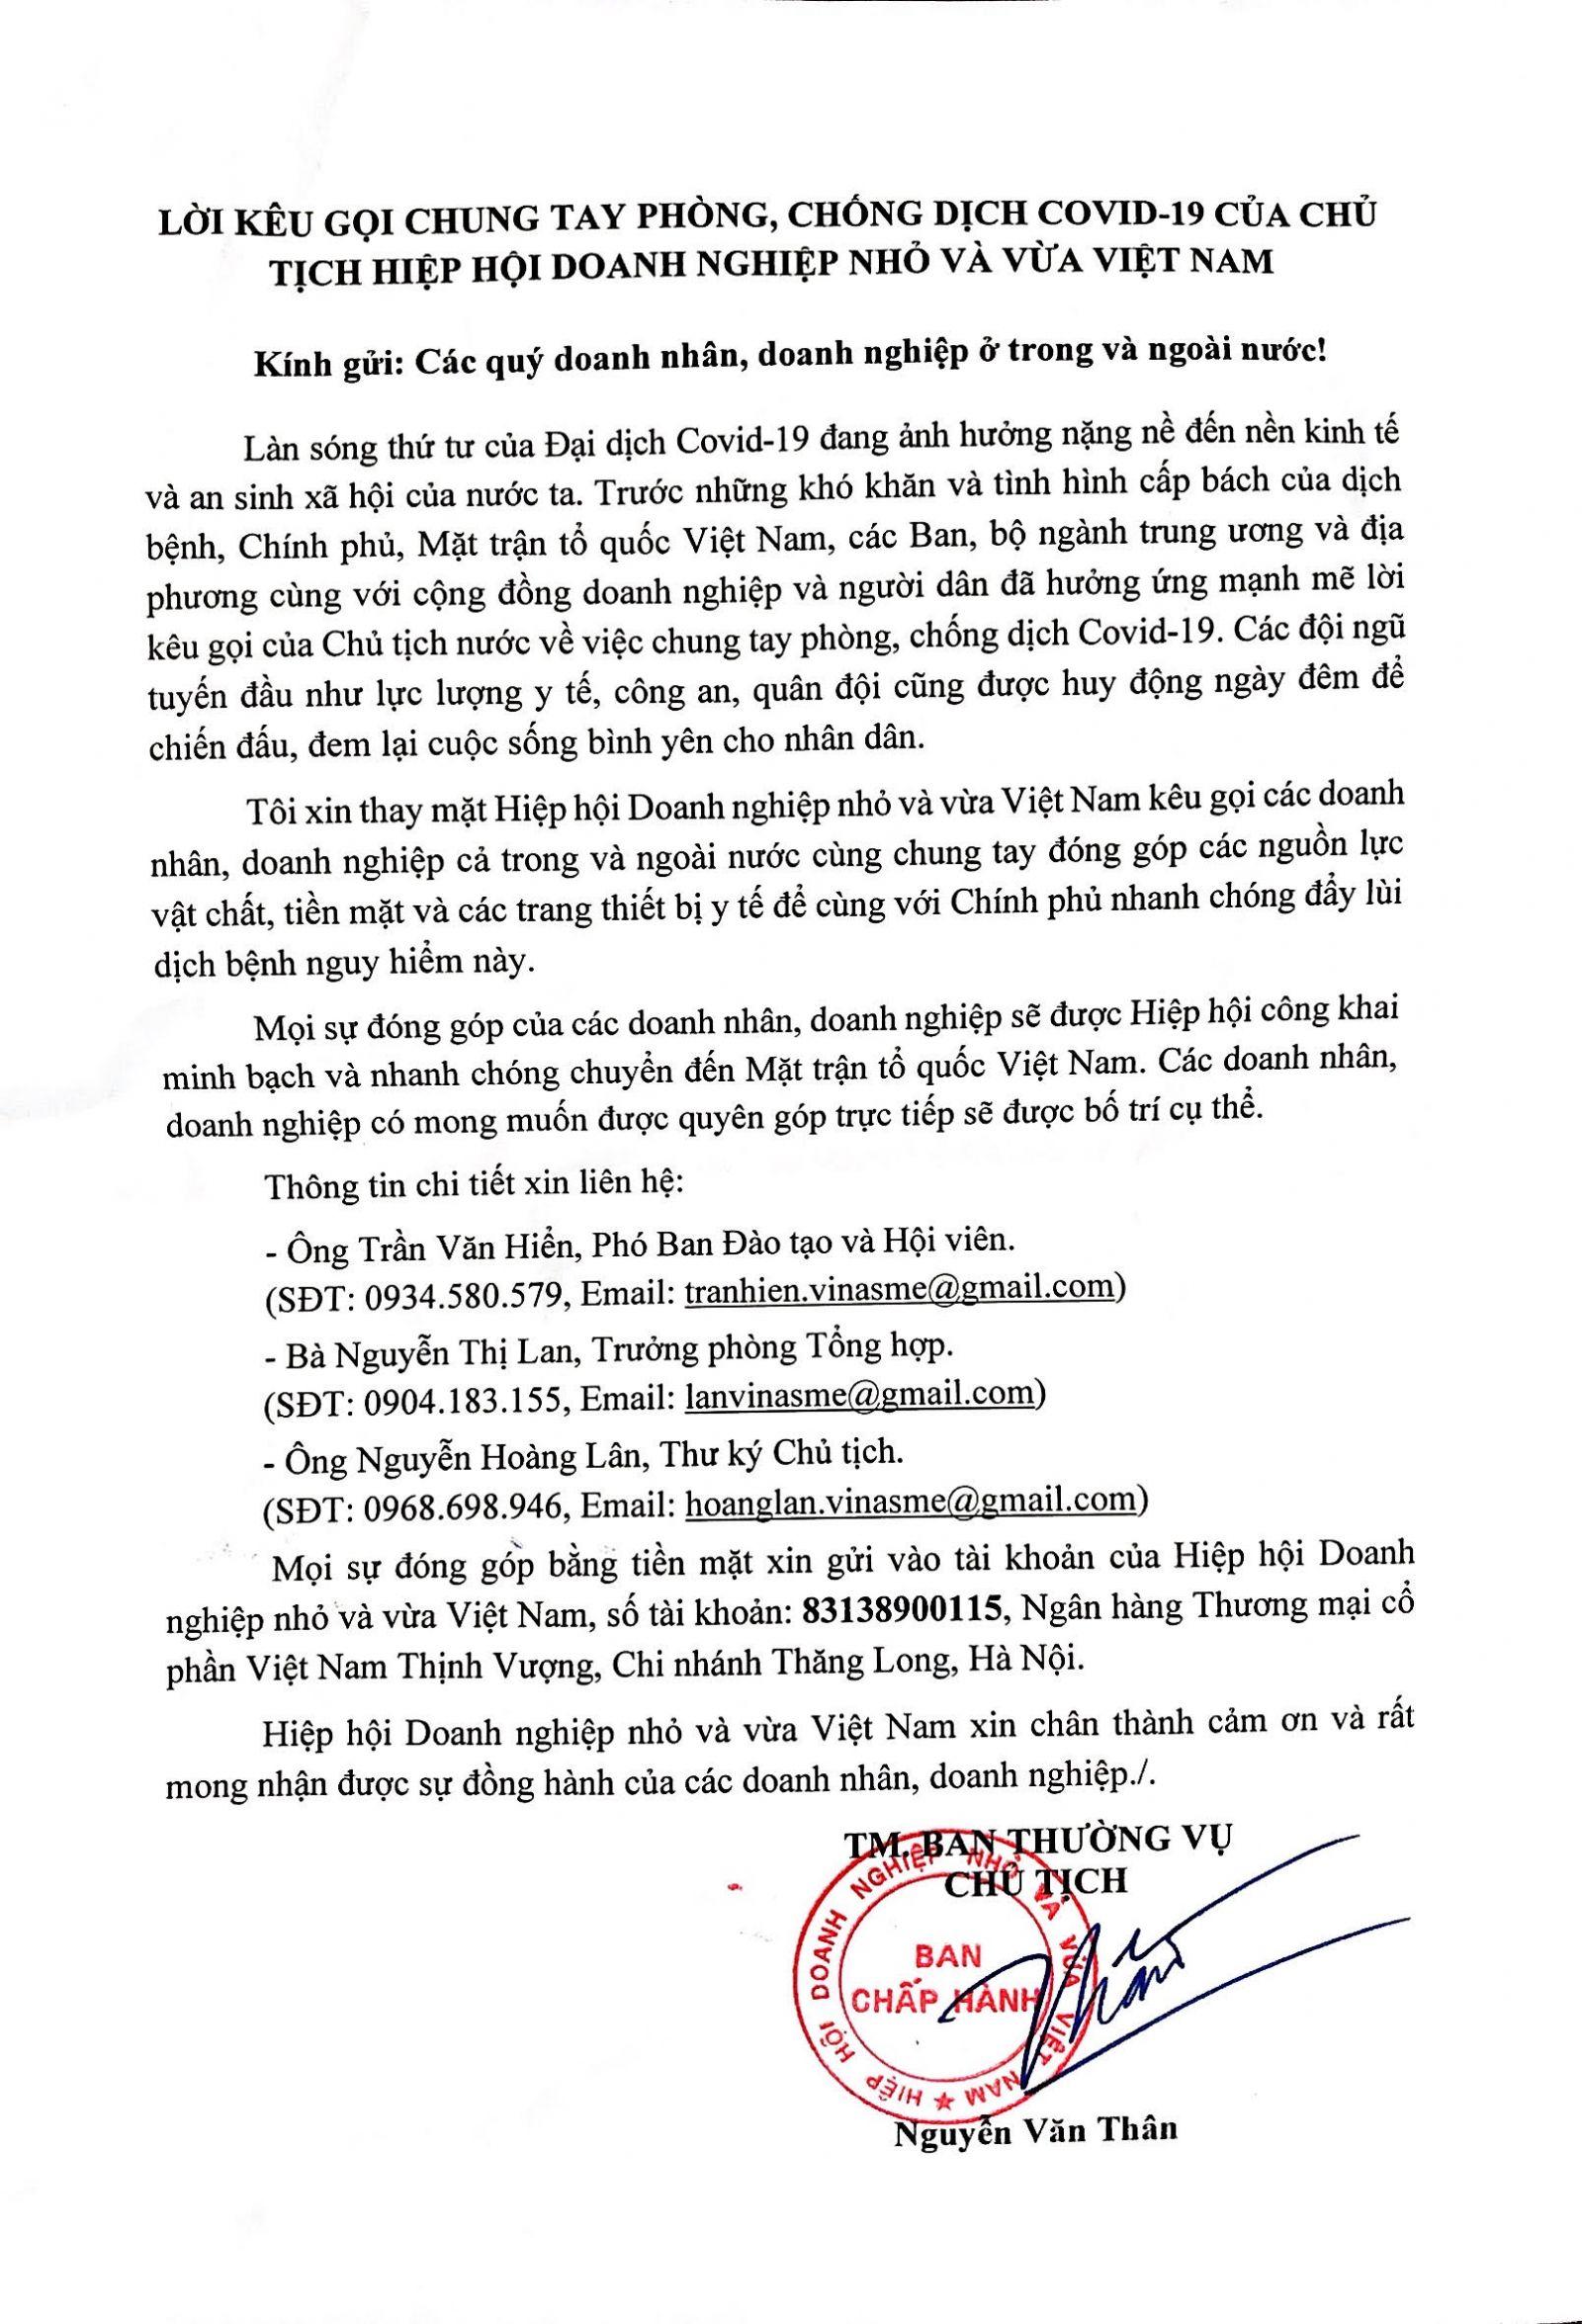 Lời kêu gọi chung tay phòng, chống dịch covid-19 của Chủ tịch Hiệp hội Doanh nghiệp nhỏ và vừa Việt Nam